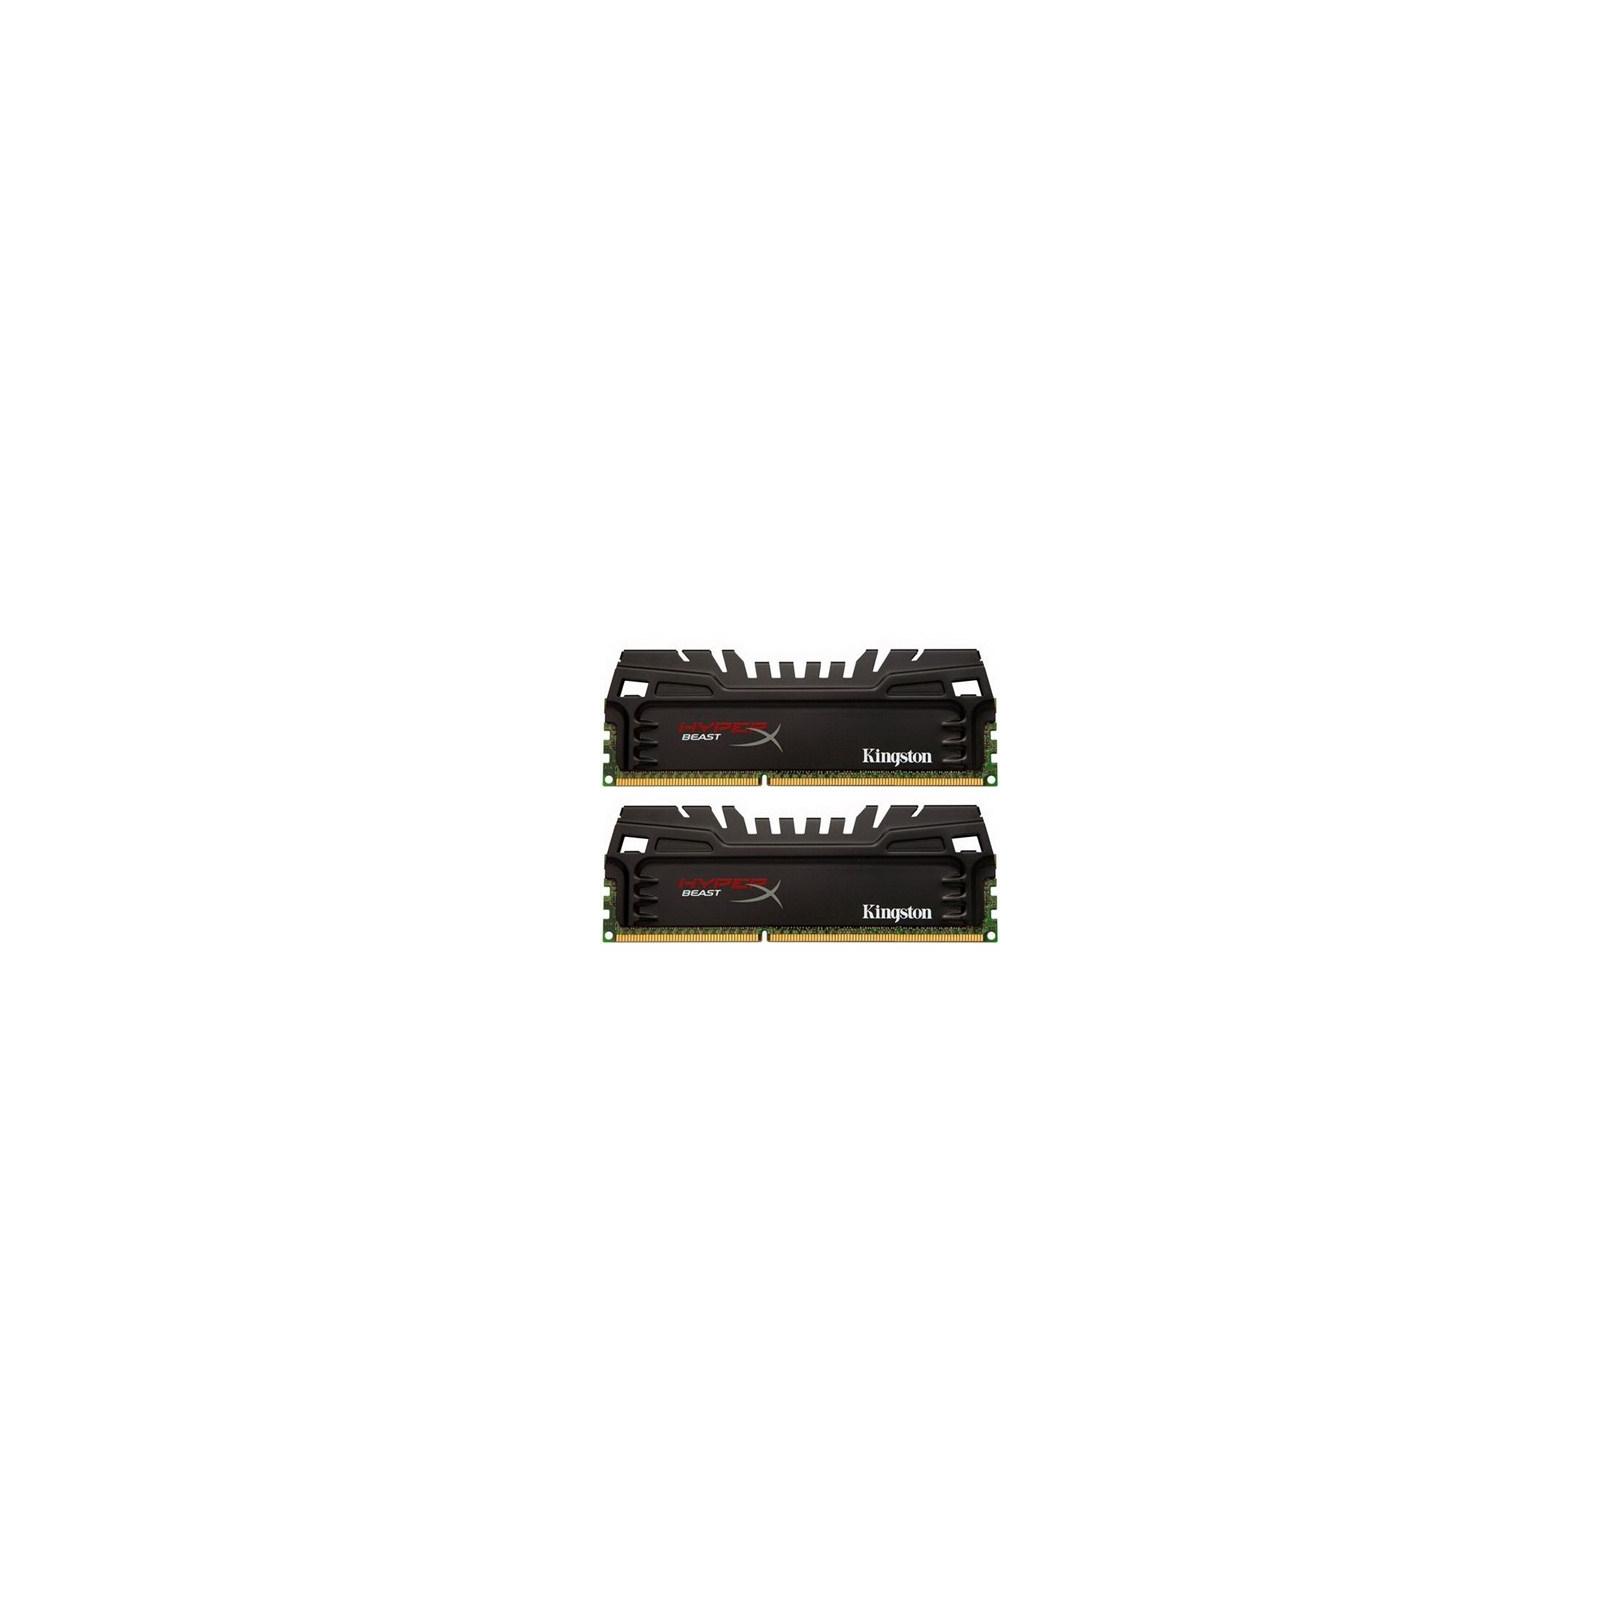 Модуль памяти для компьютера DDR3 16GB (2x8GB) 1866 MHz Kingston (KHX18C10AT3K2/16X)